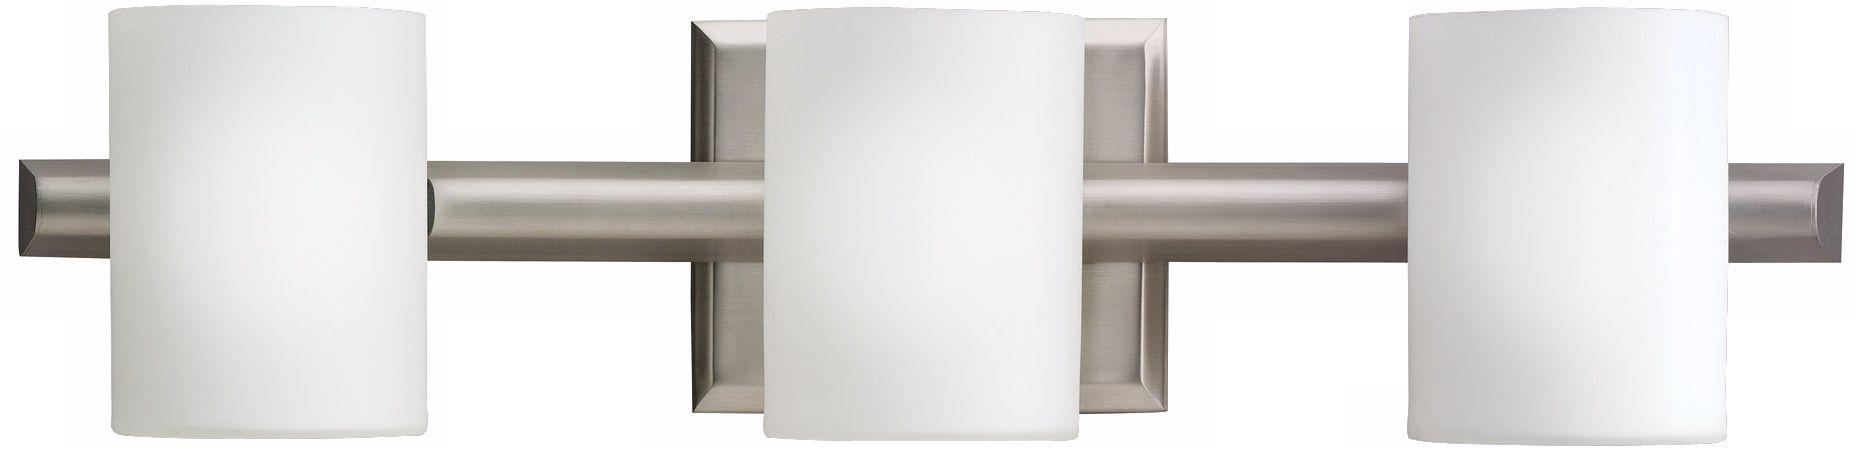 Kichler Cylinder Brushed Nickel 21 Wide Bathroom Light 48531